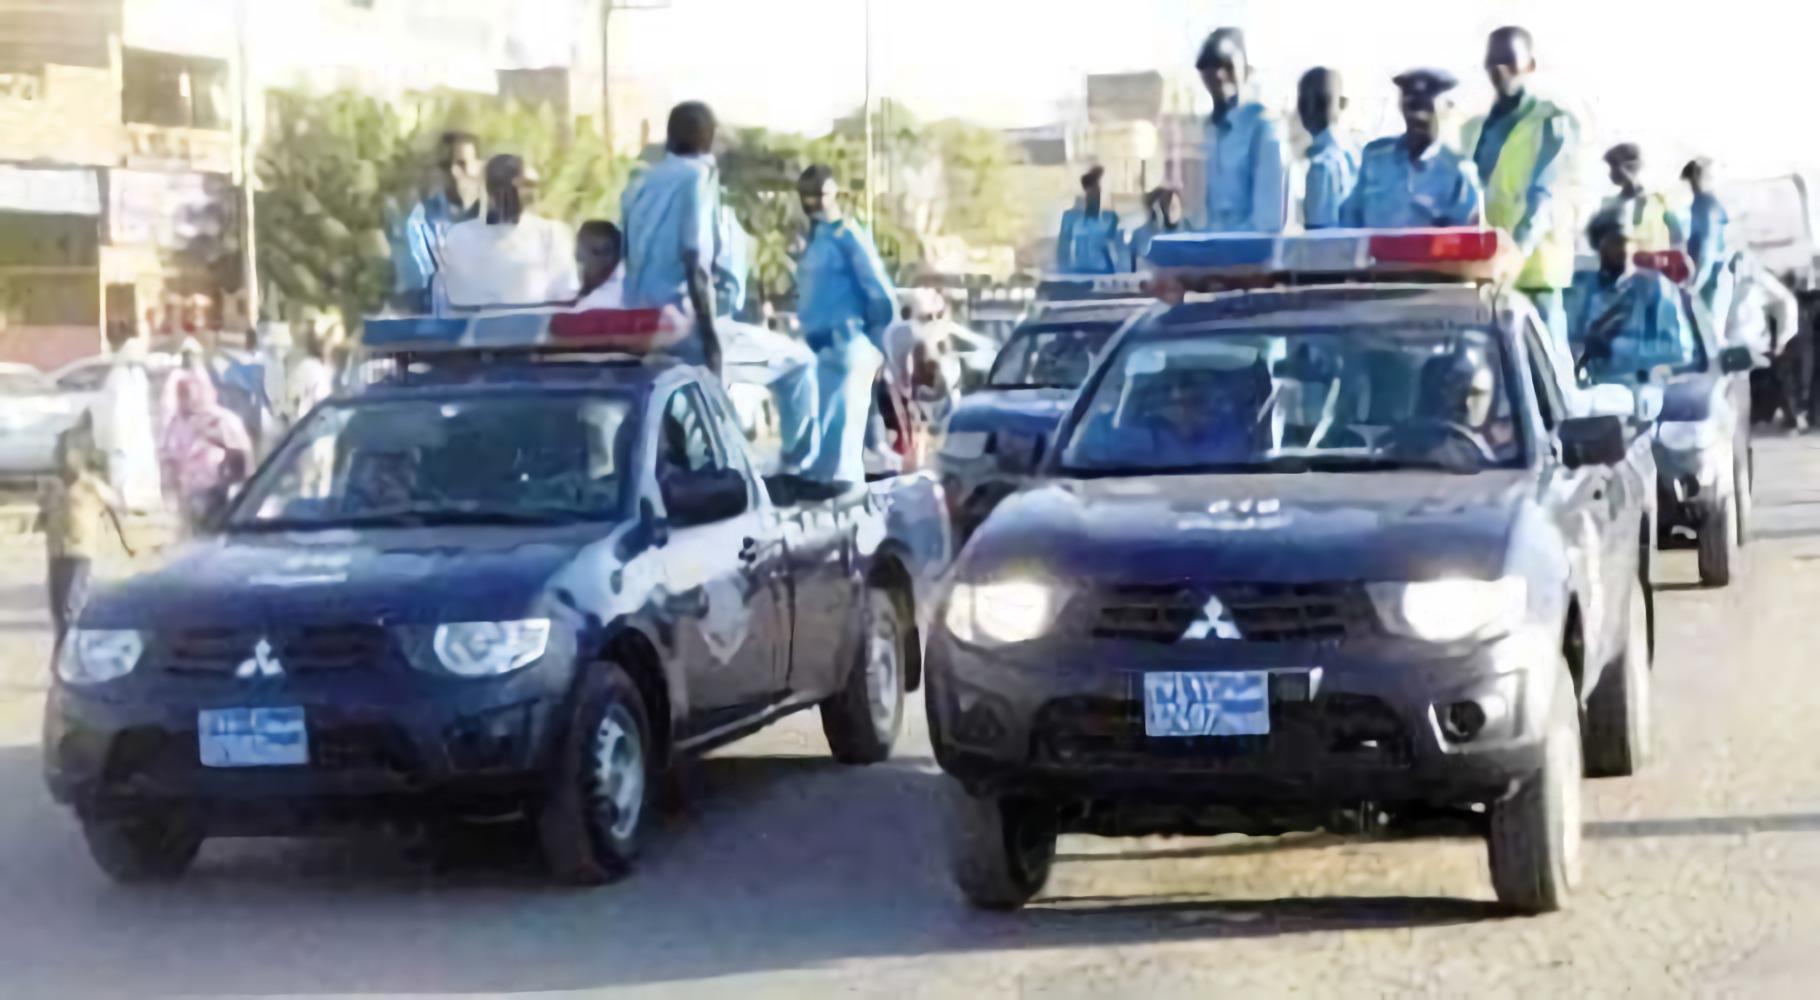 السودان: الشرطة تفرق احتجاجات بالخرطوم وعطبرة وتوقف معلمين بدارفور